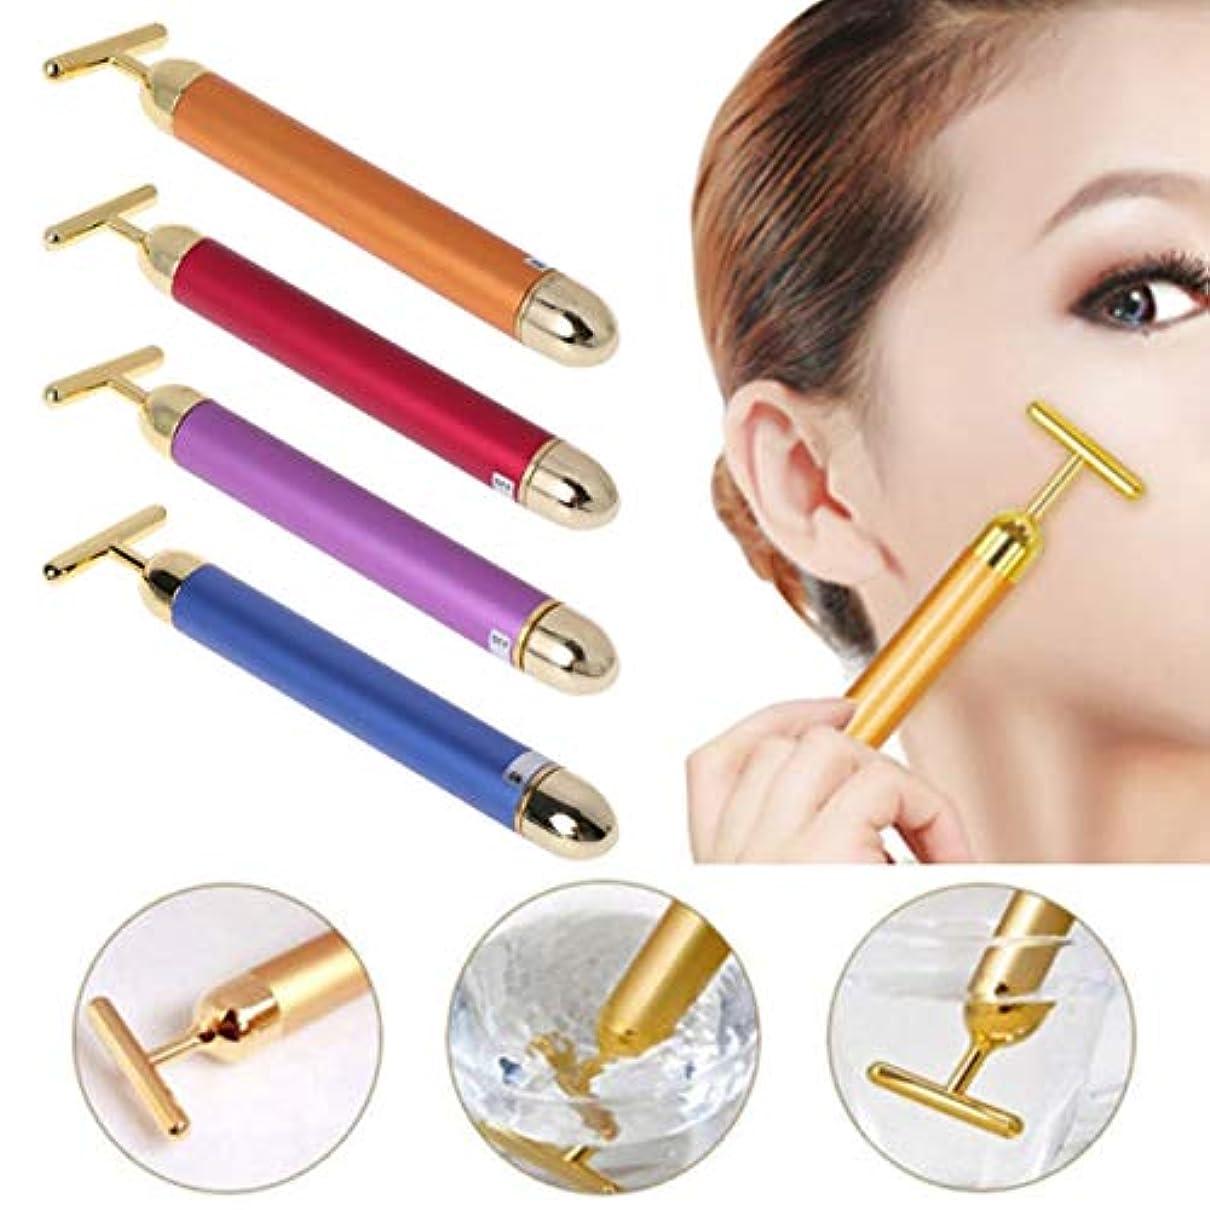 住所抜け目のない真実にClassic Beauty Electric Firming Slimming Facial Pulse Roller Massager